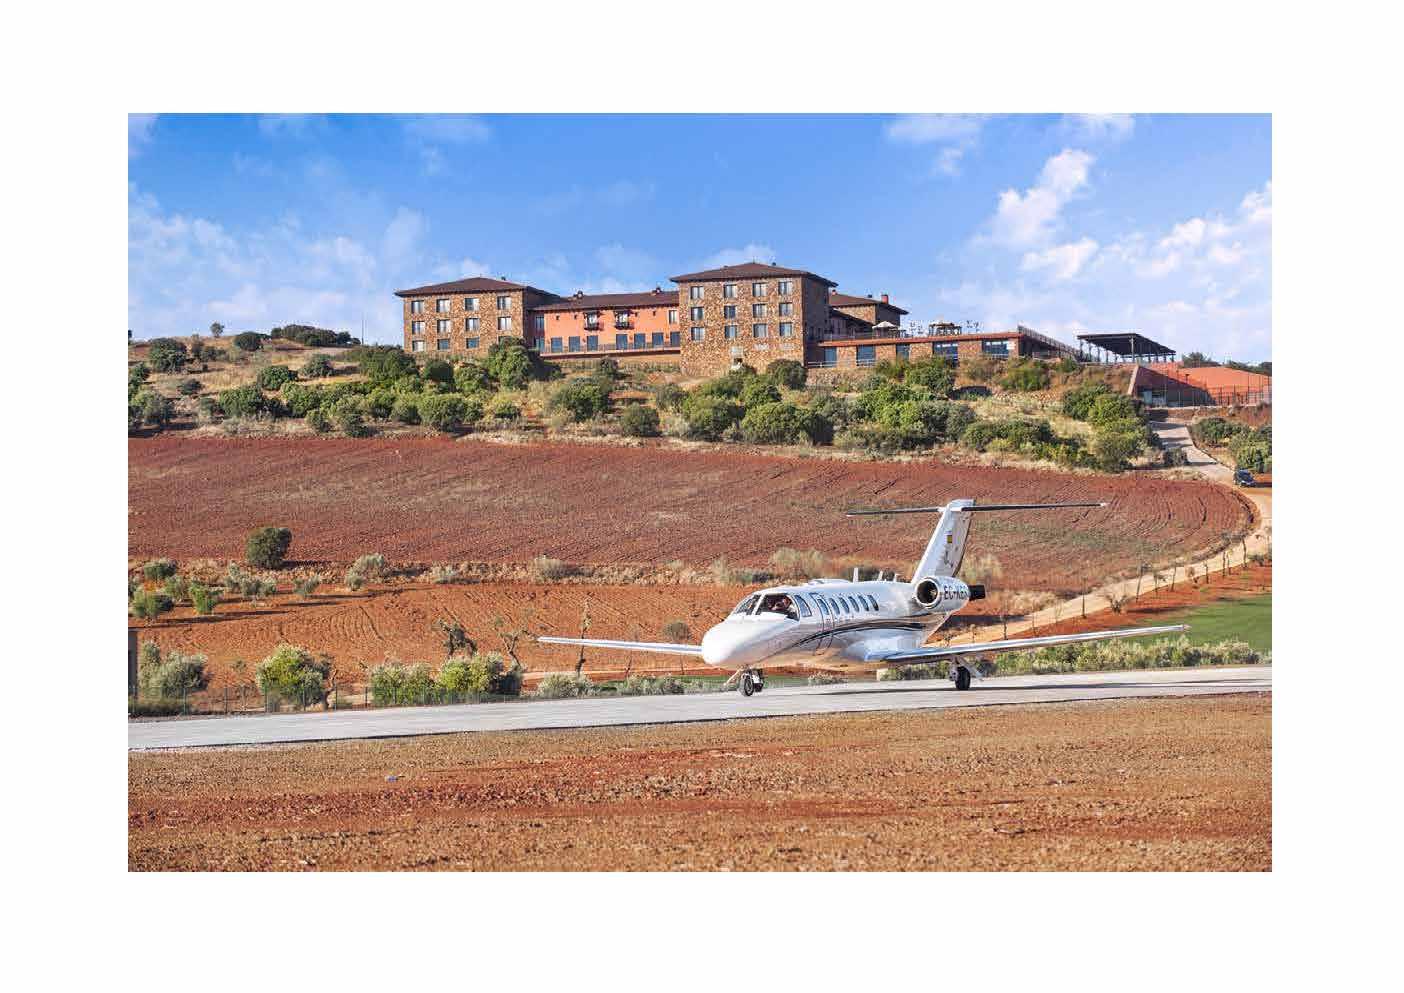 Aeródromo la Caminera pista y hotel